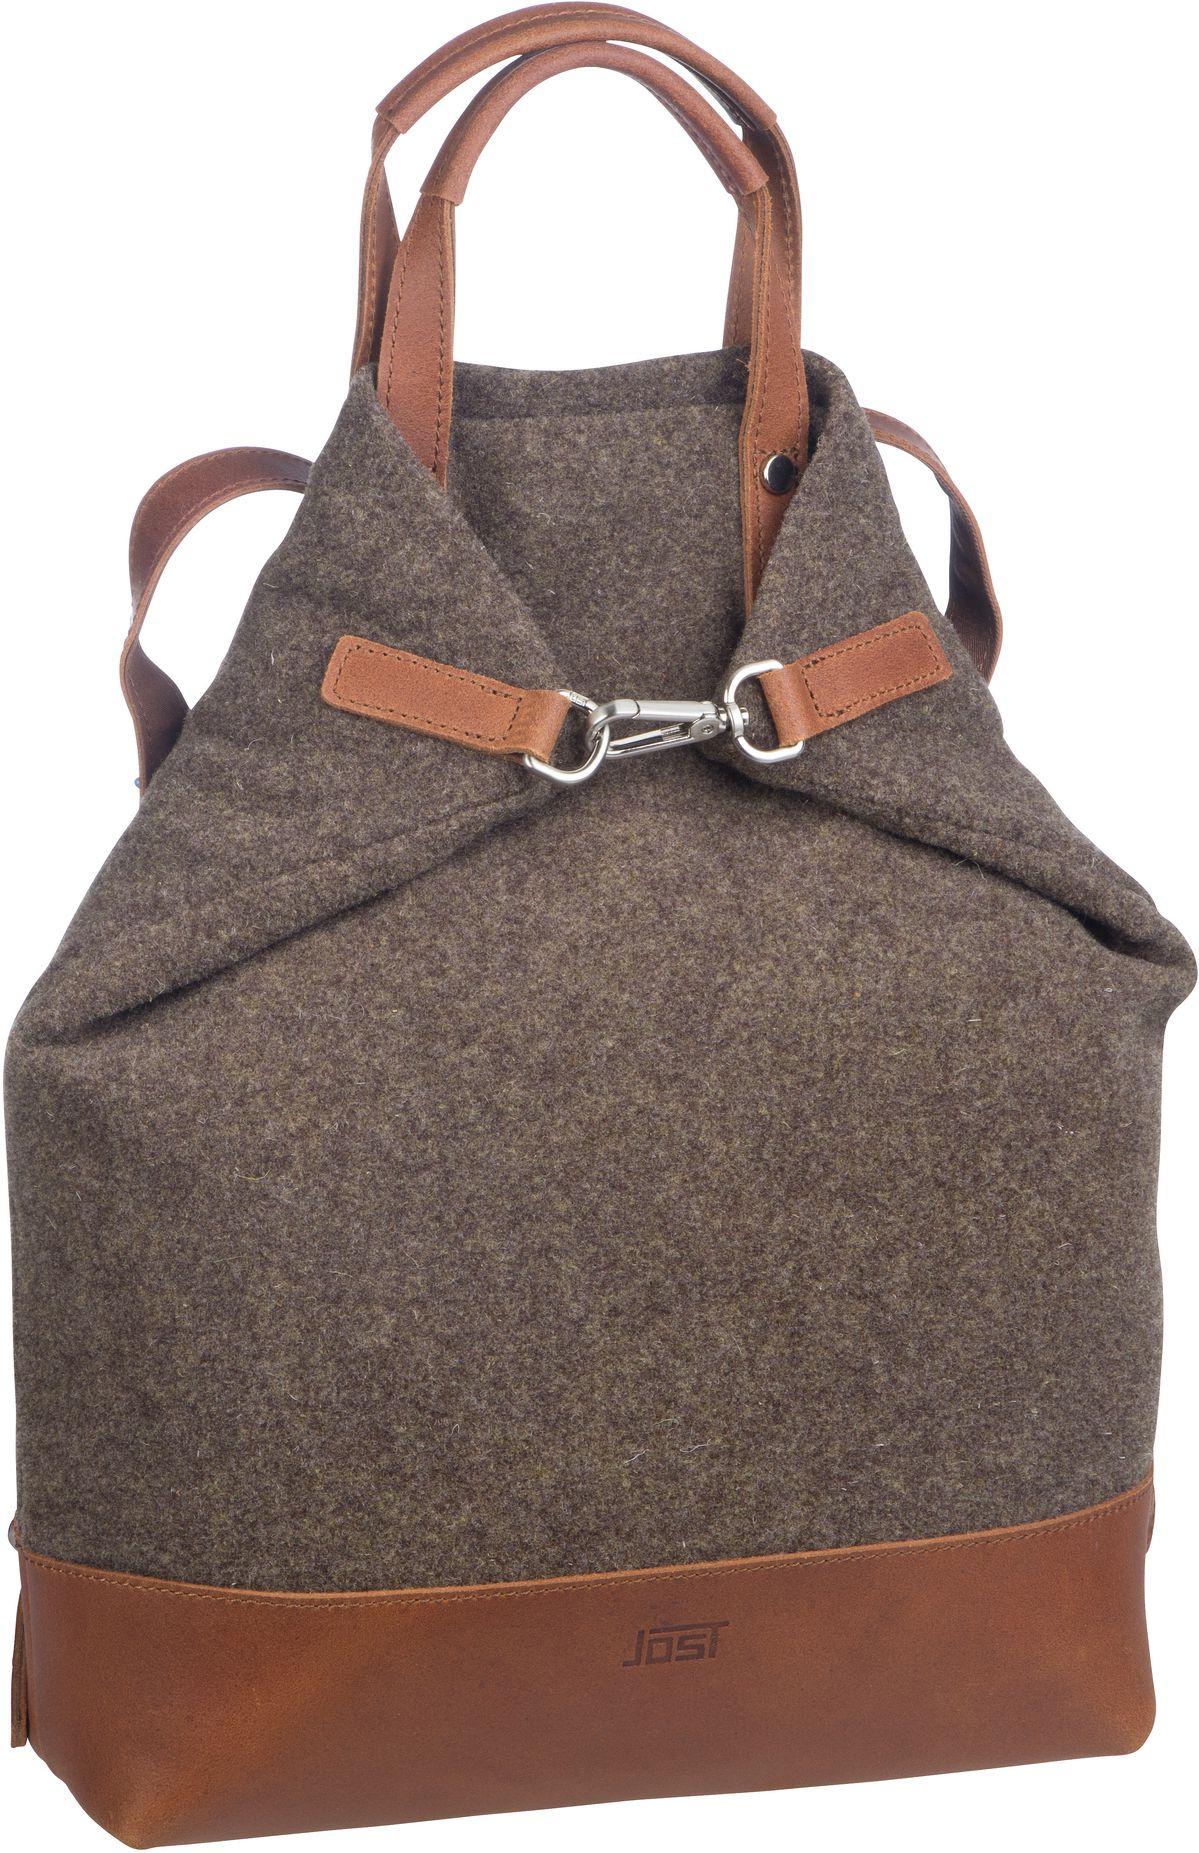 Rucksack / Daypack Farum 3026 X-Change Bag S Brown